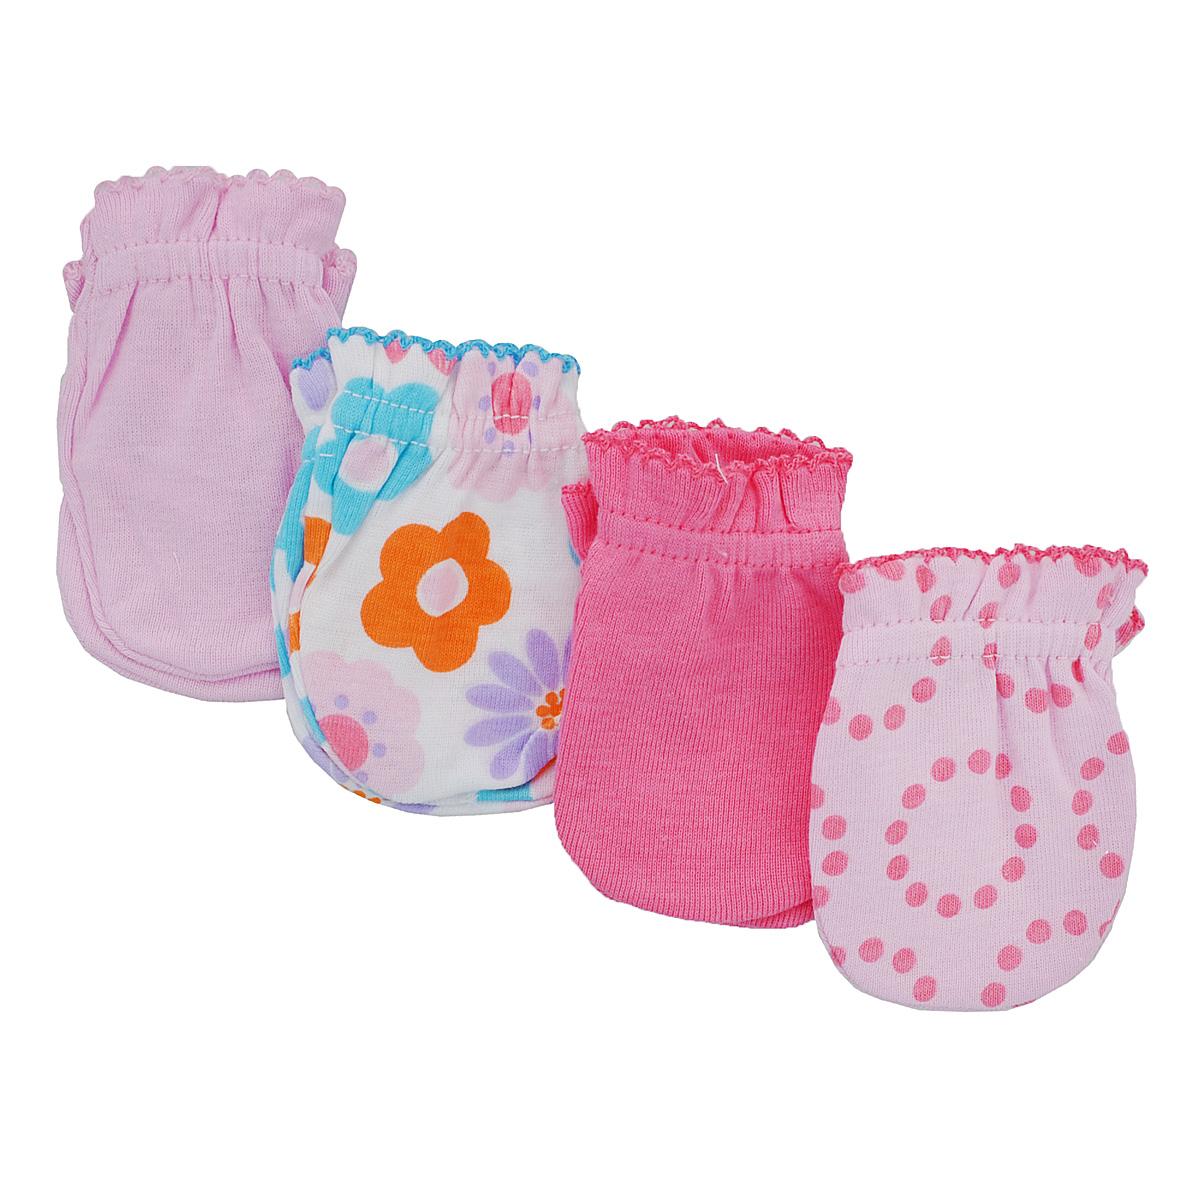 Рукавички для новорожденного Luvable Friends, цвет: розовый, белый, 4 пары. 34711. Размер 55/67, 0-6 месяцев